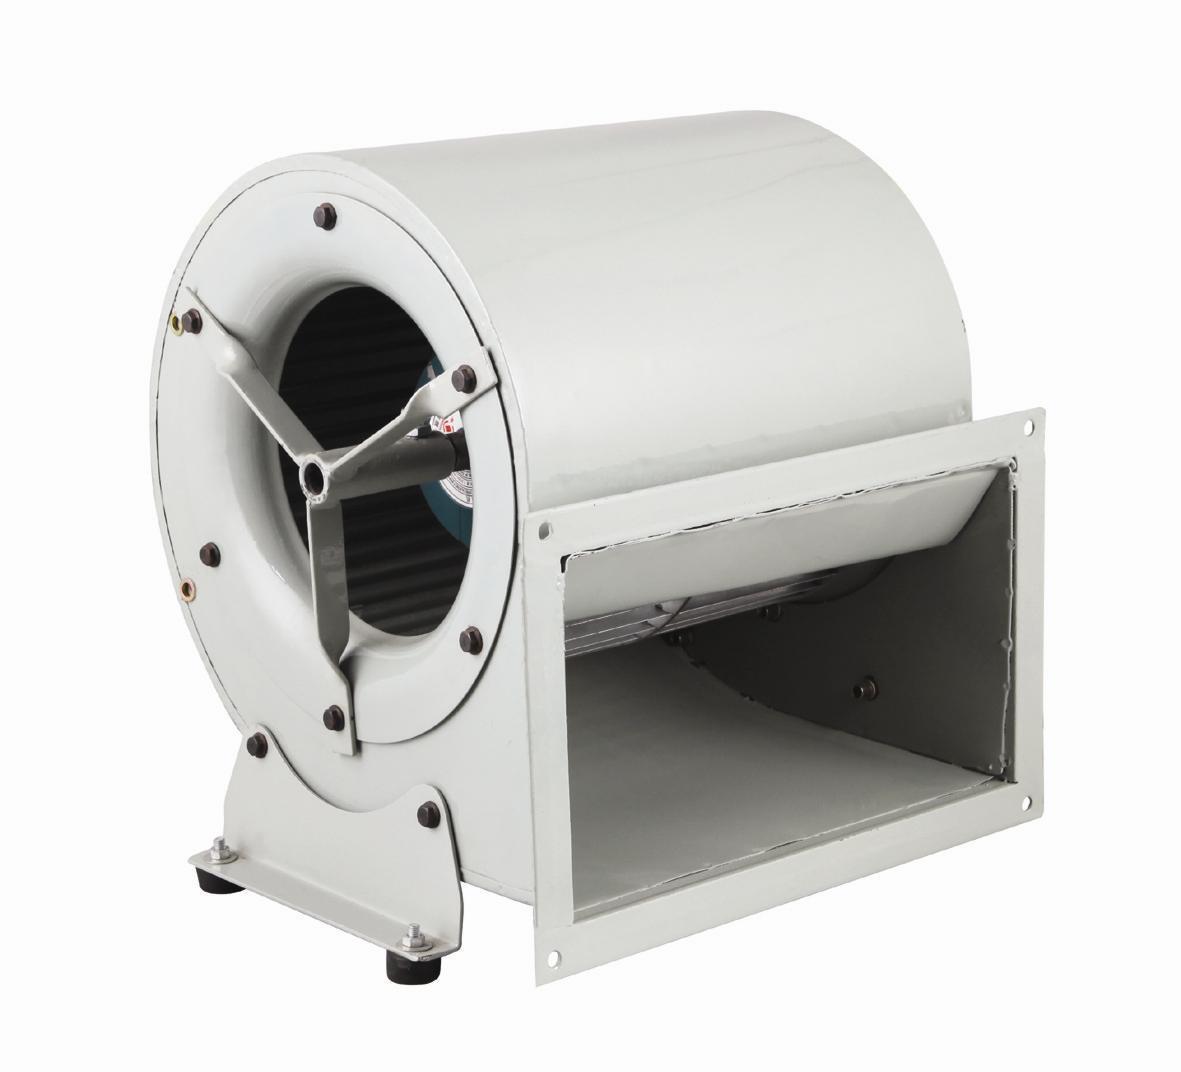 Centr fuga aire acondicionado ventilador centr fuga aire - Aire acondicionado humidificador ...